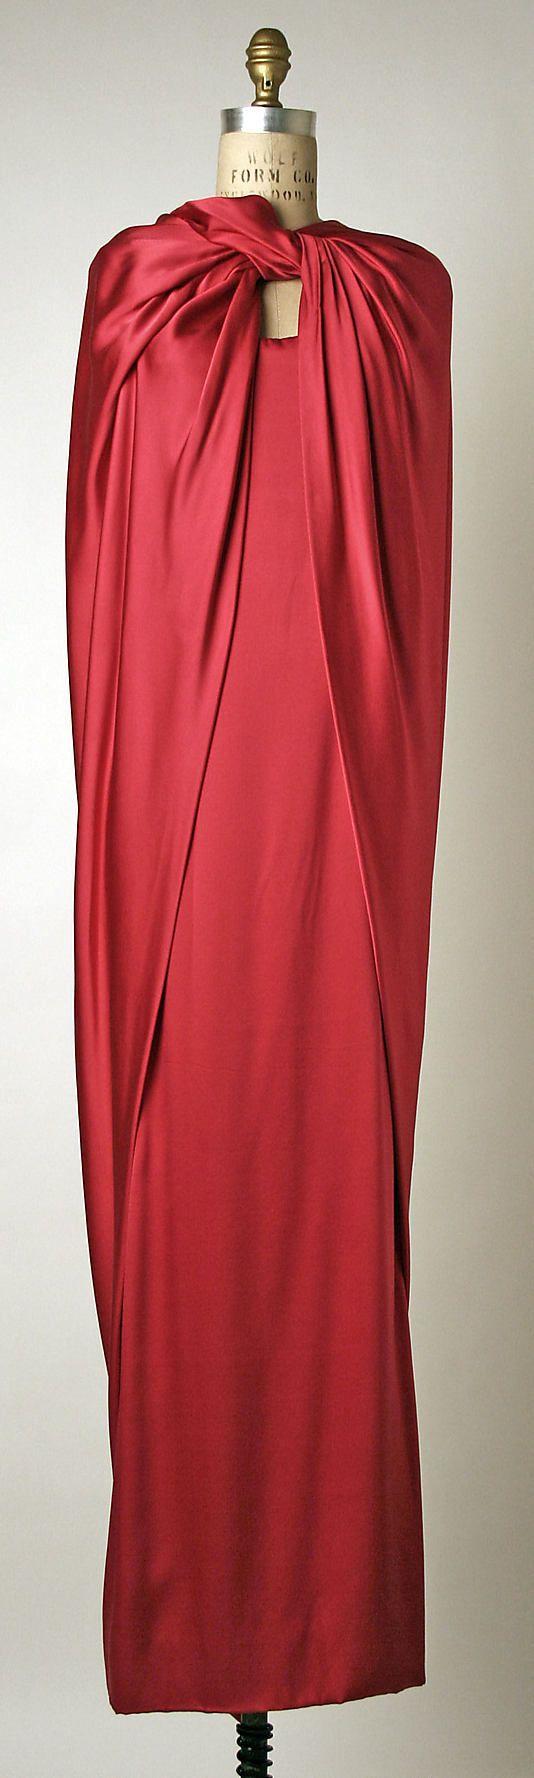 Dress by Pierre Cardin: French, silk, 1980s - met museum